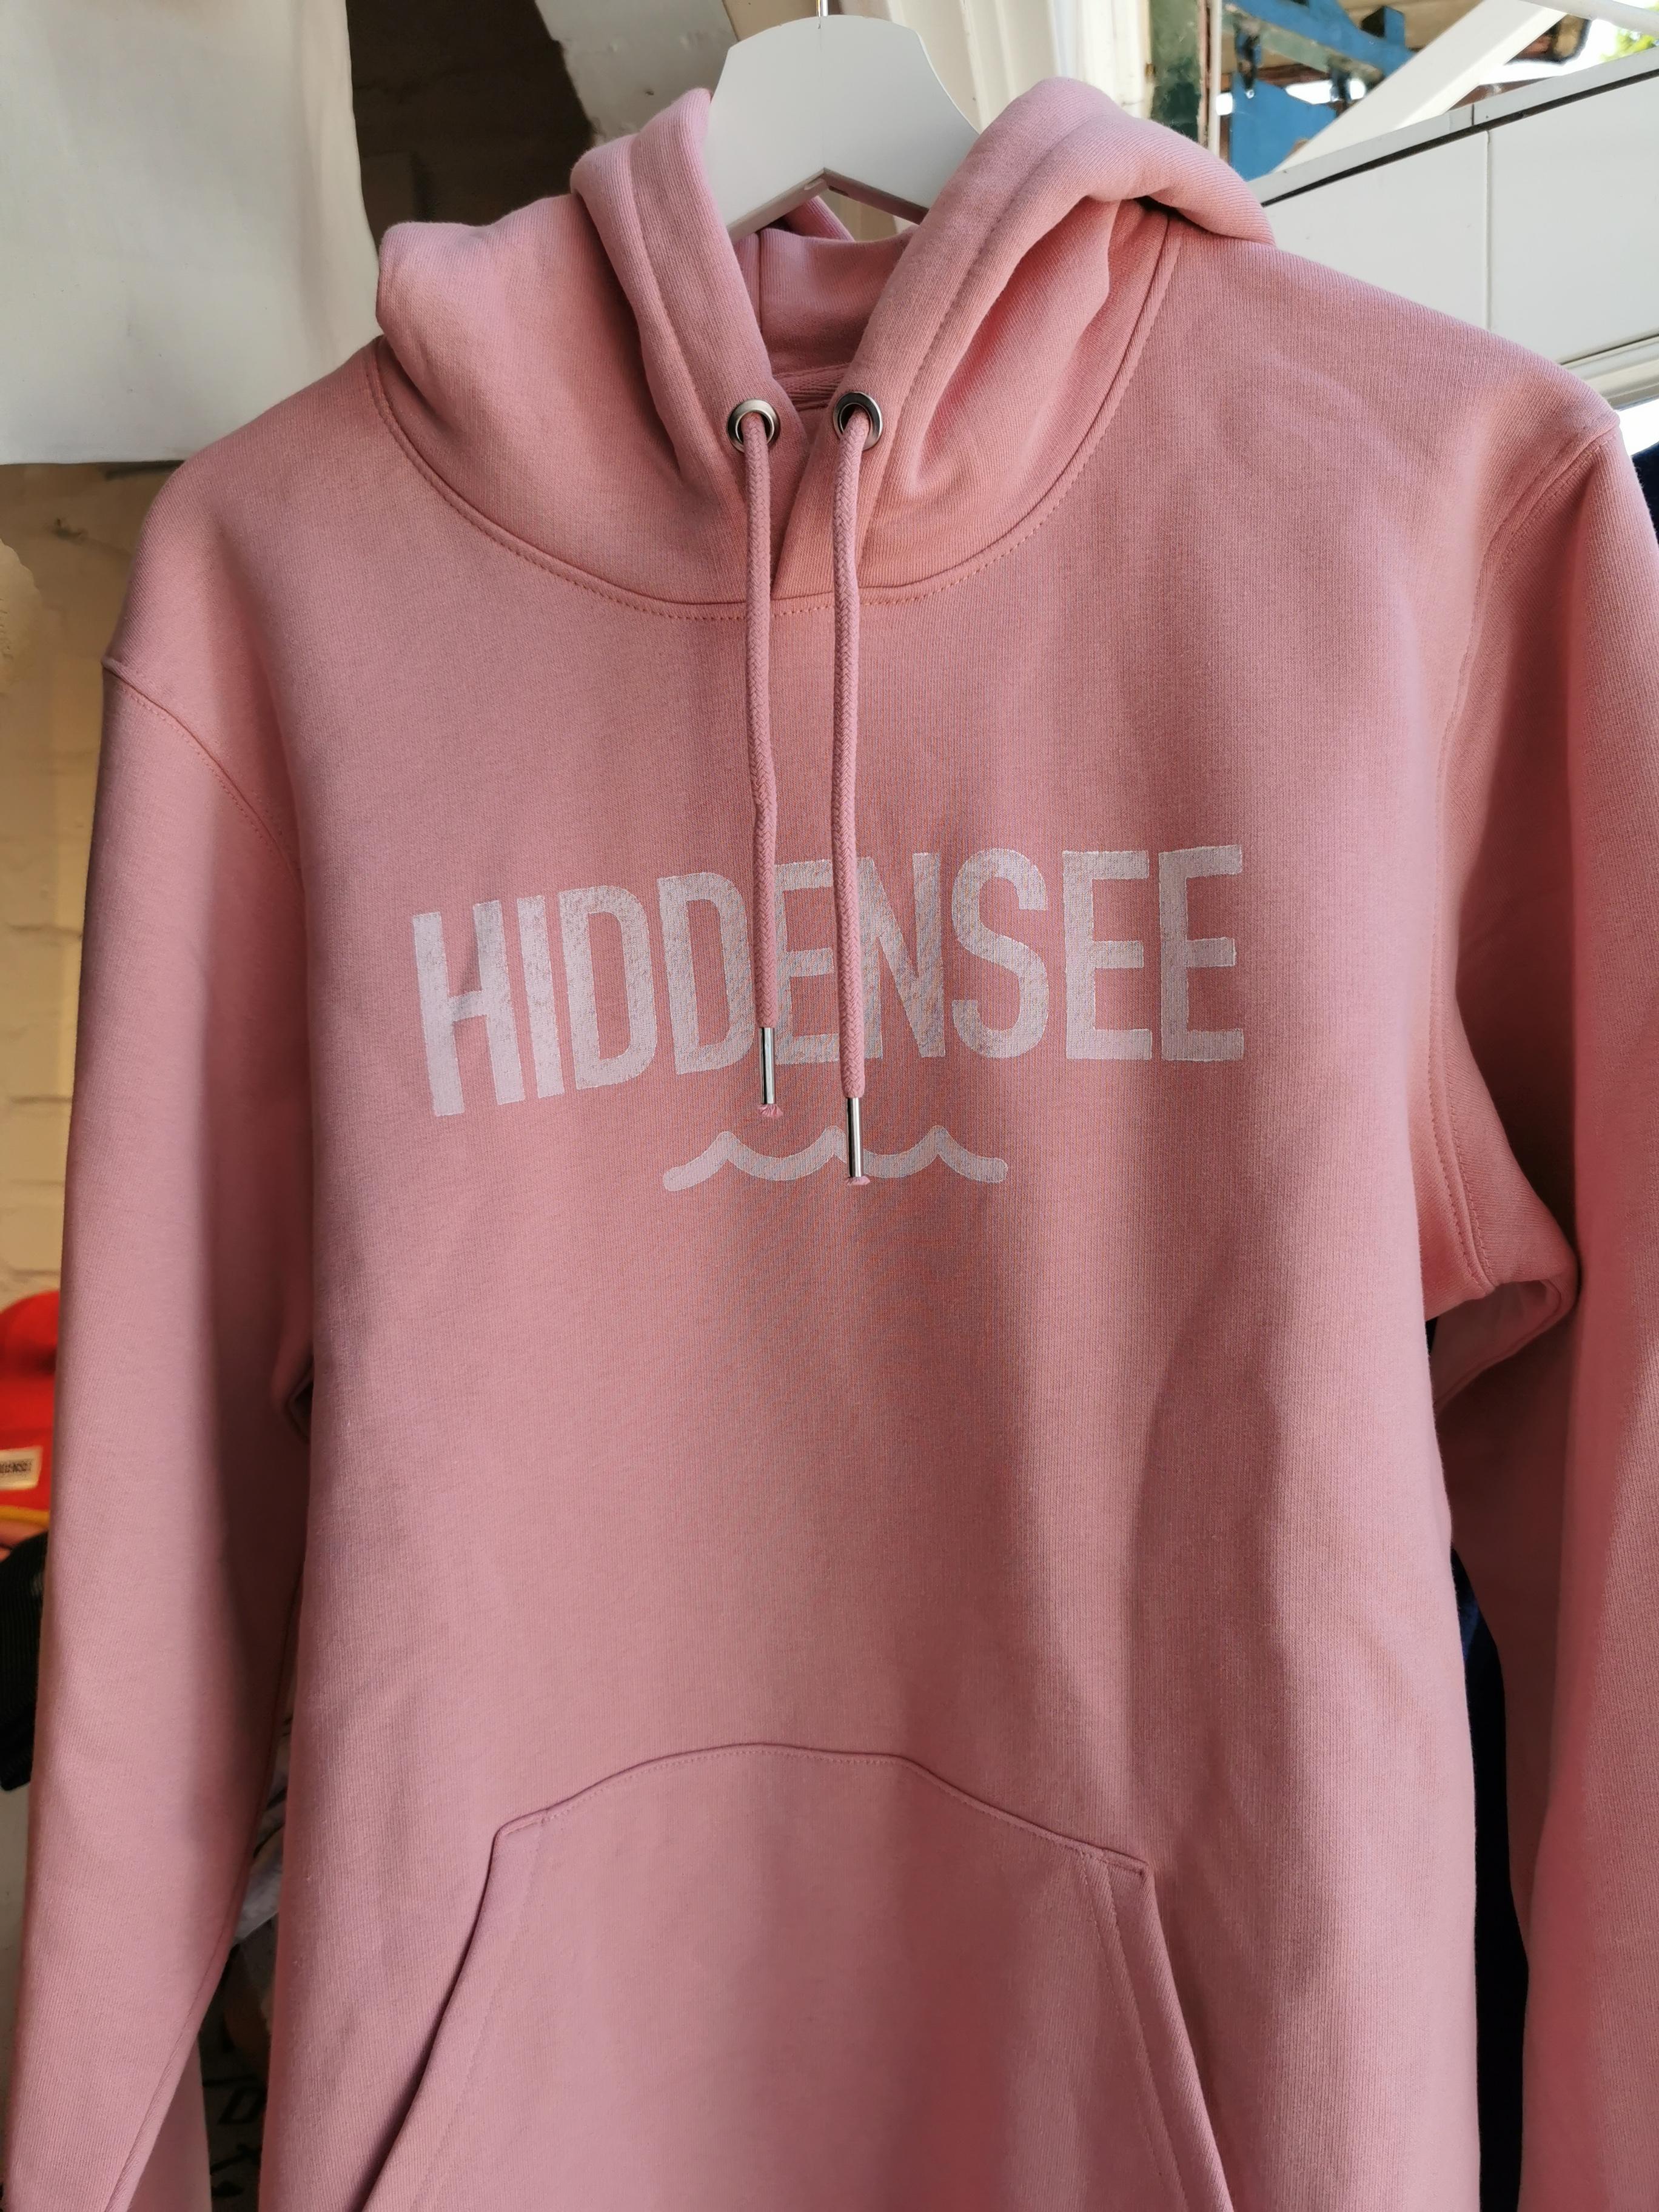 Hiddensee Hoodie Rosa Welle (unisex)